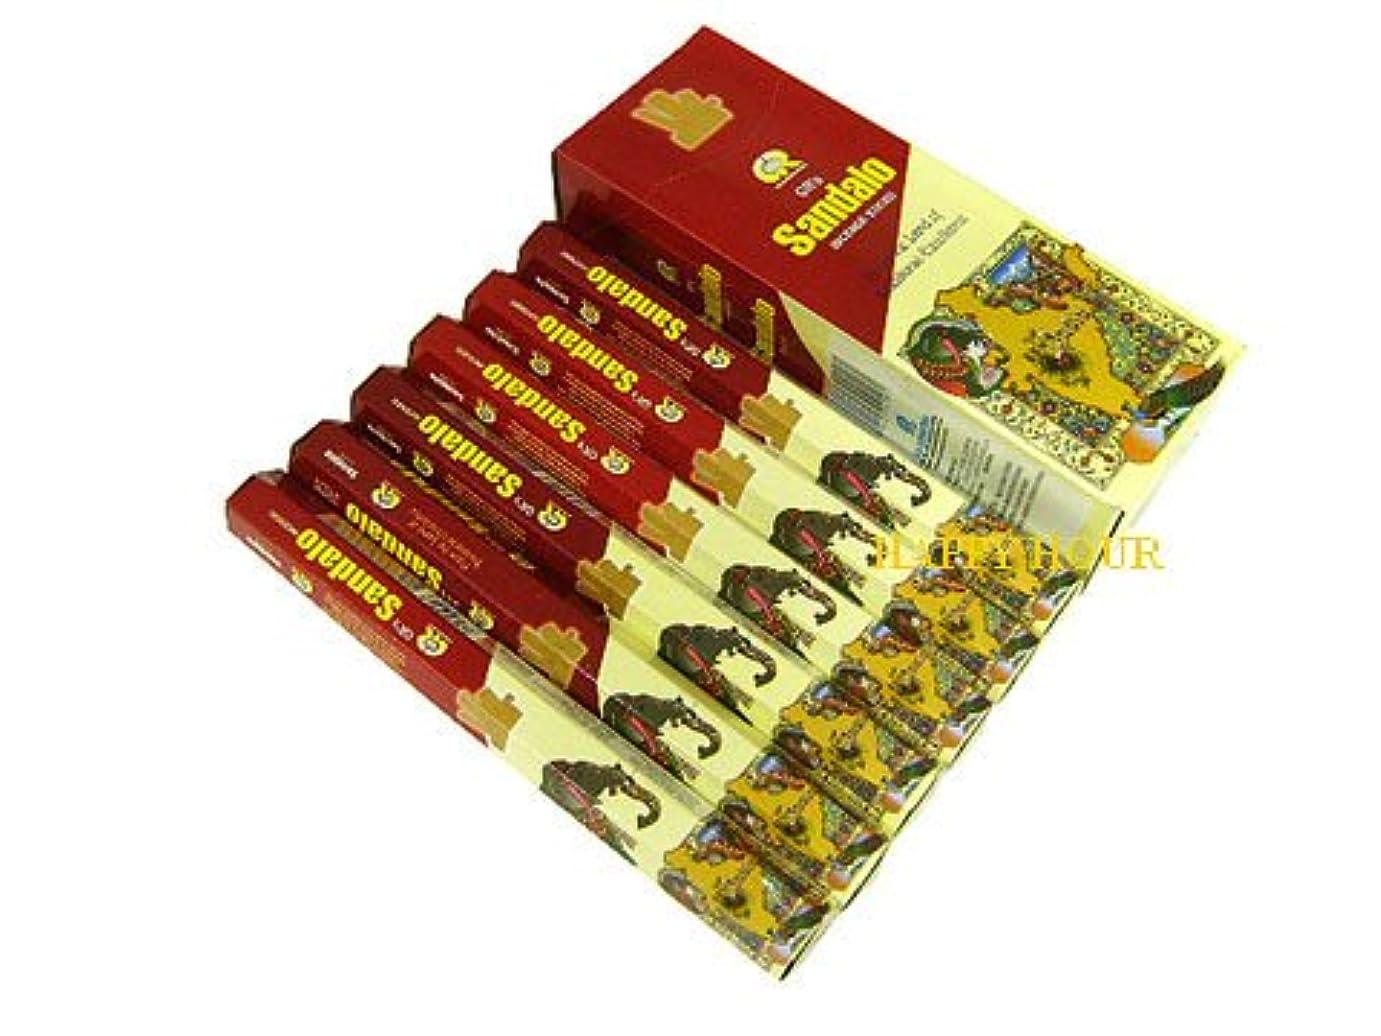 かりてディベートシールドG.R.INTERNATIONAL(ジーアールインターナショナル) サンダル香 スティック SANDALO 6箱セット